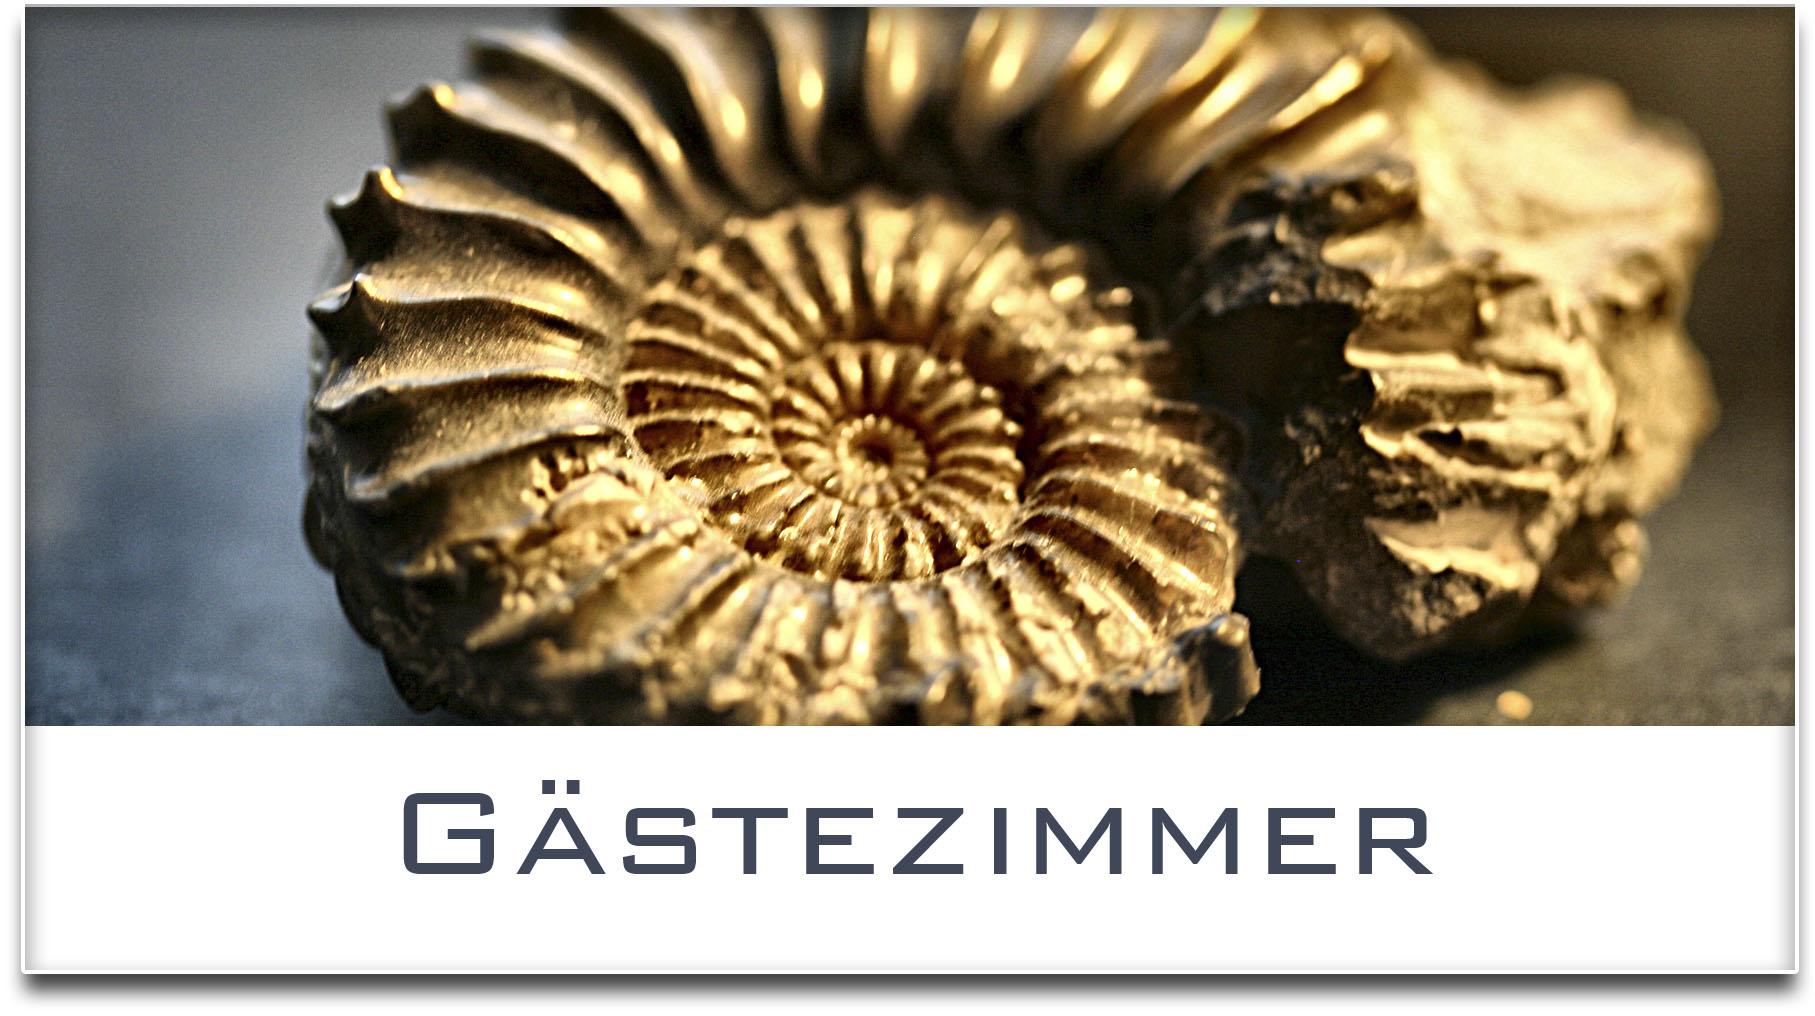 Türschild / Haustürschild / Versteinerte Muschel / Gästezimmer / Selbstklebend